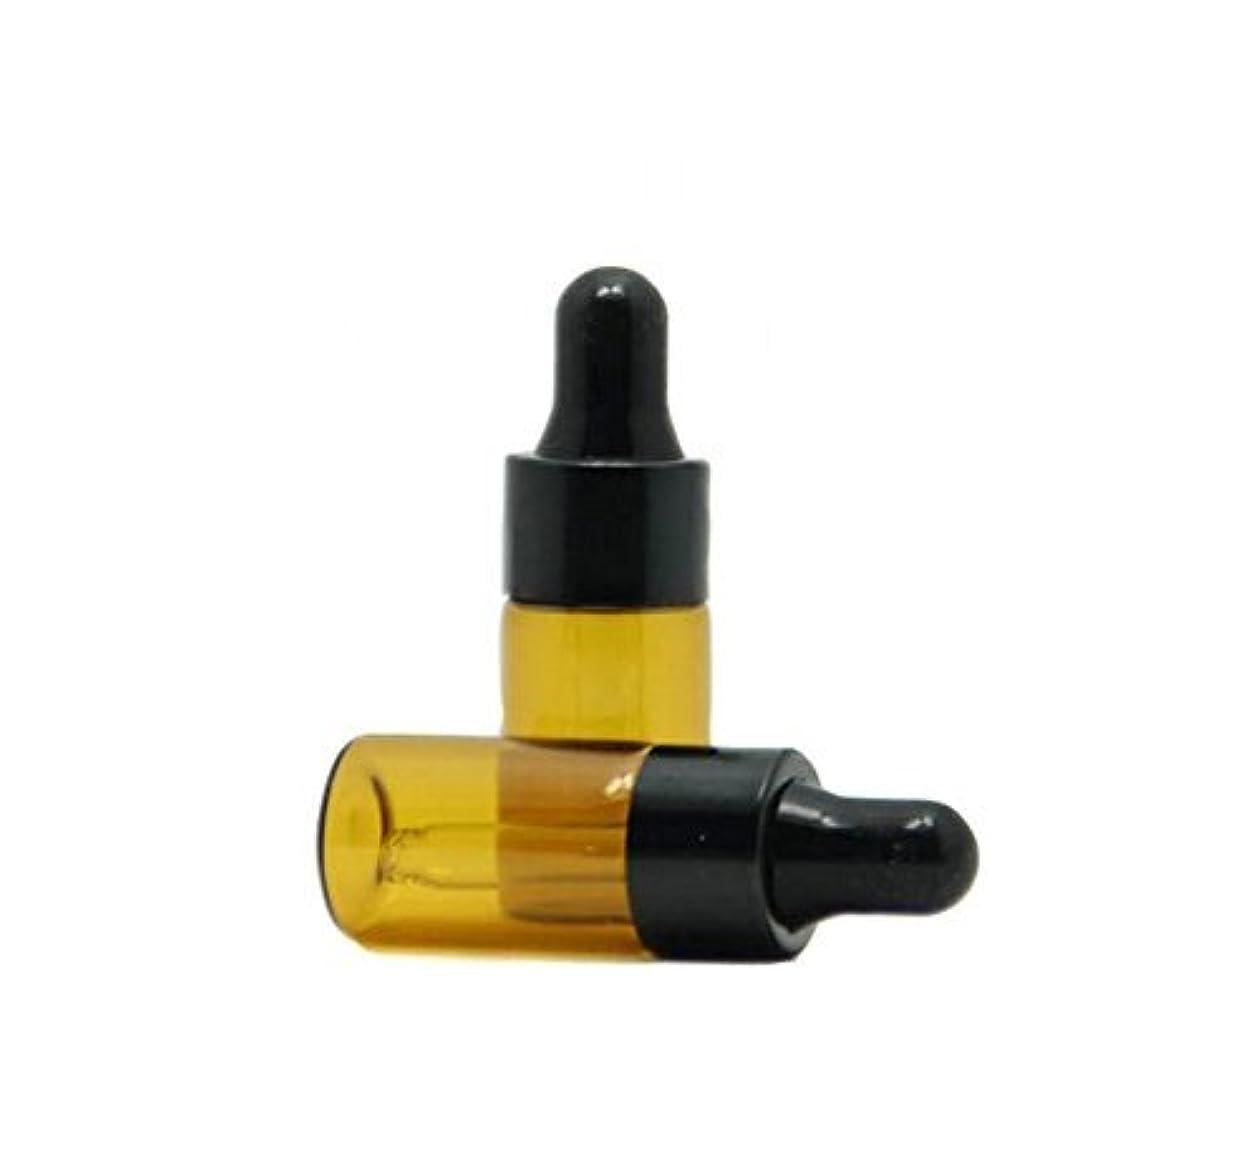 尽きる描写ピジン3ml 15 Pcs Refillable Mini Amber Glass Essential Oil Bottles Dropper Bottles Vials With Eyed Dropper For Aromatherapy...